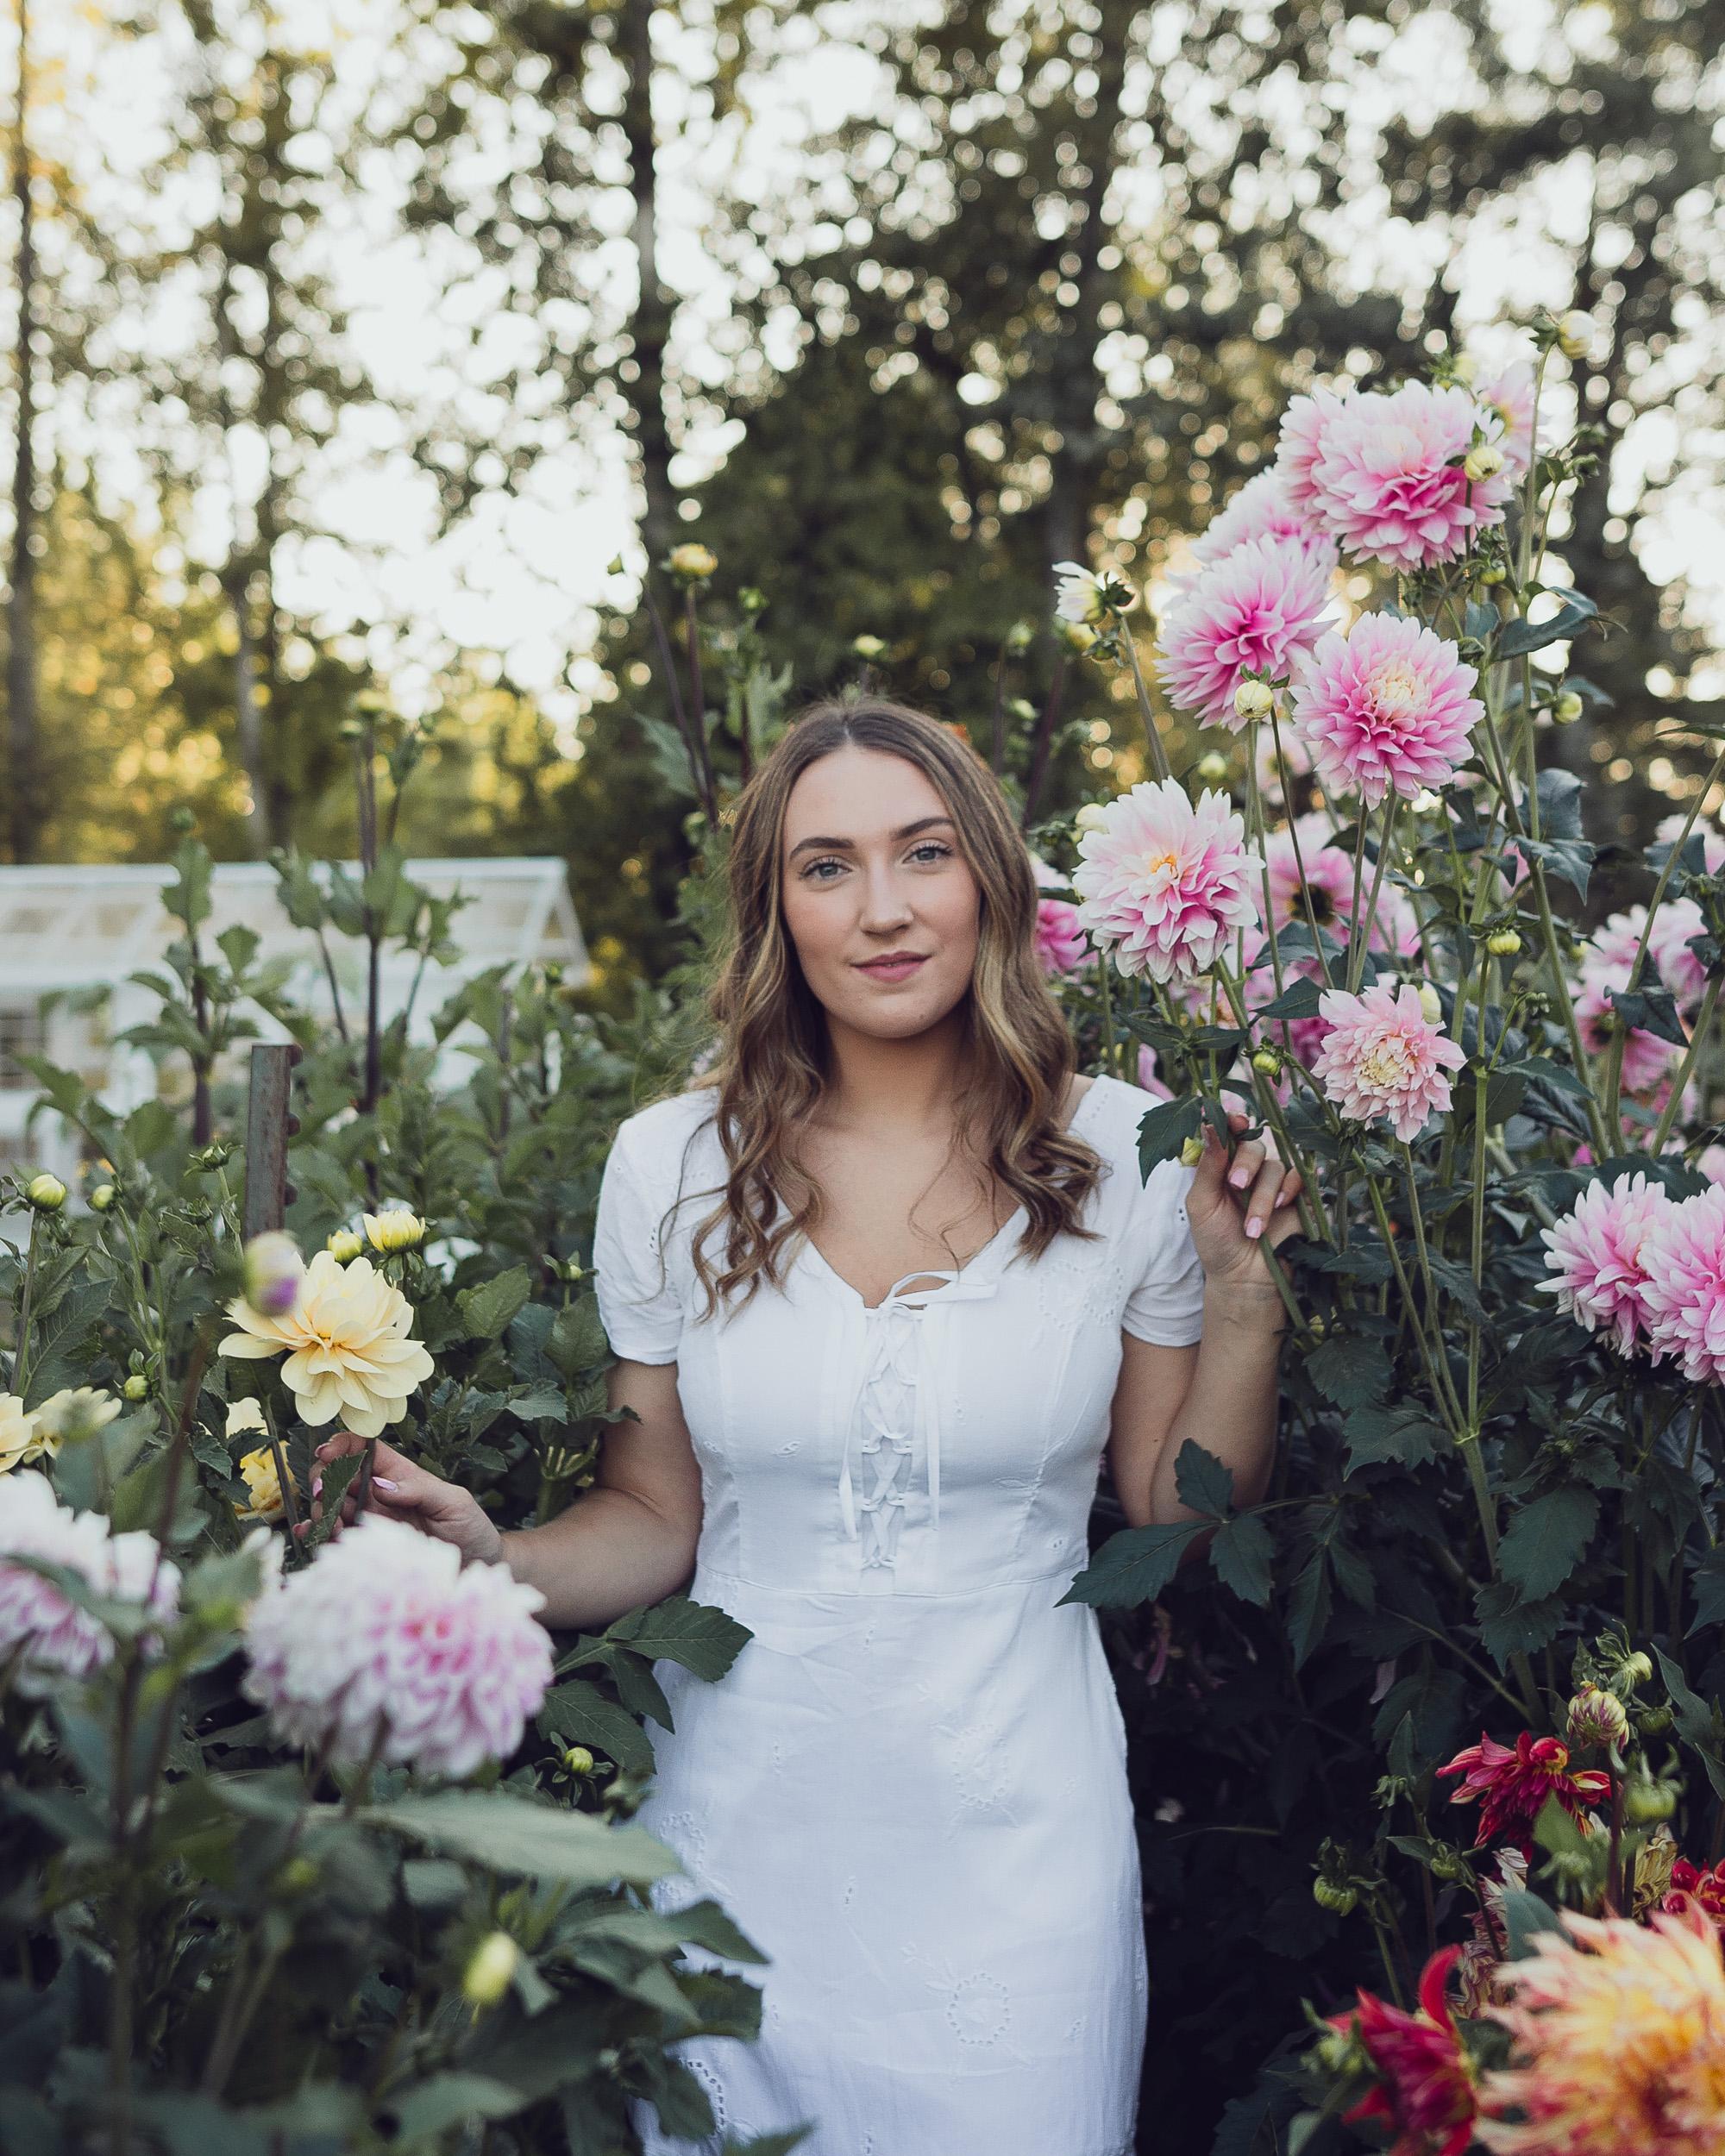 Seniorportraitsseattle-30.jpg